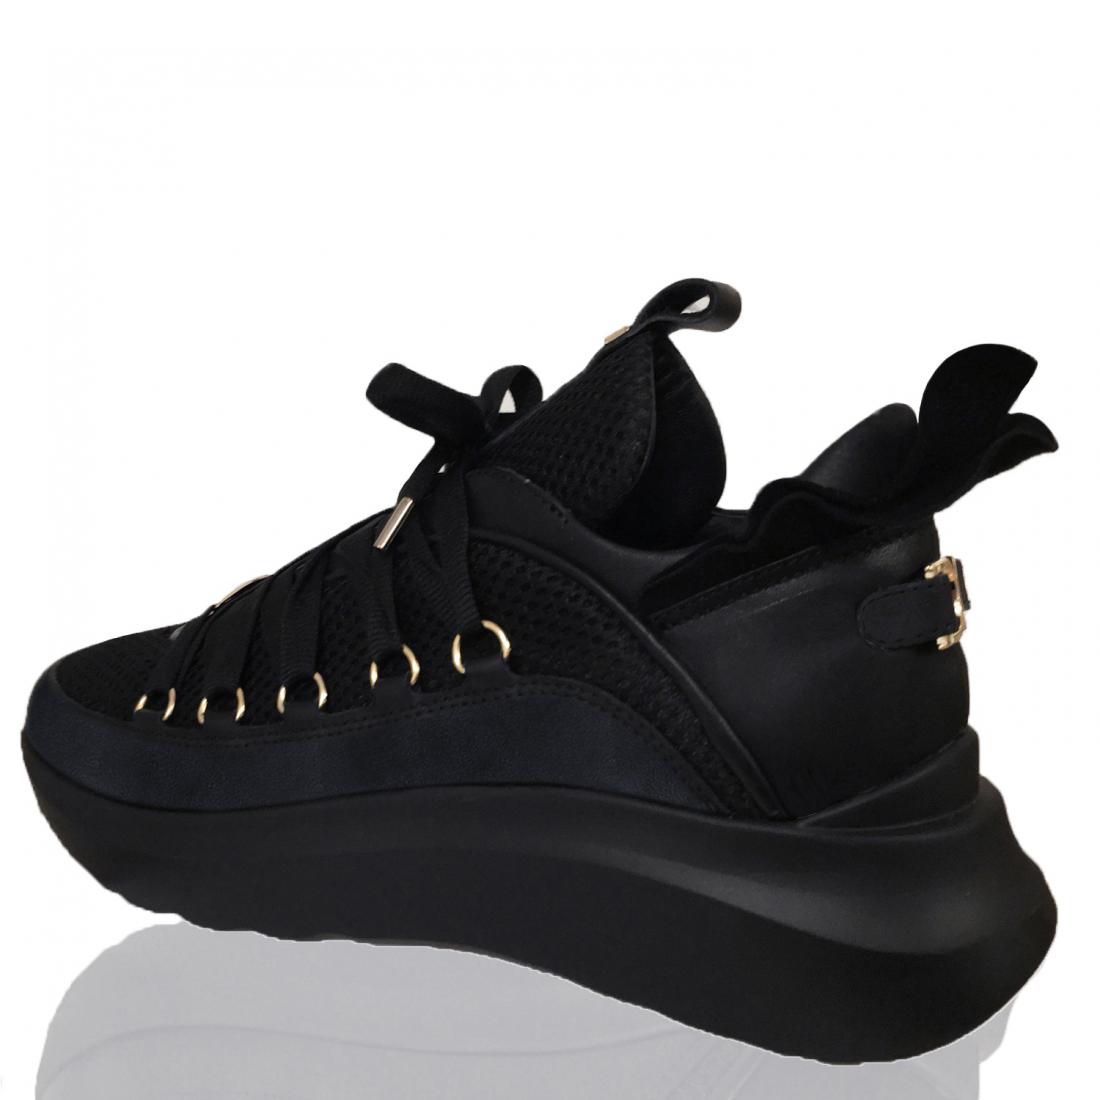 trainer-20-black-3